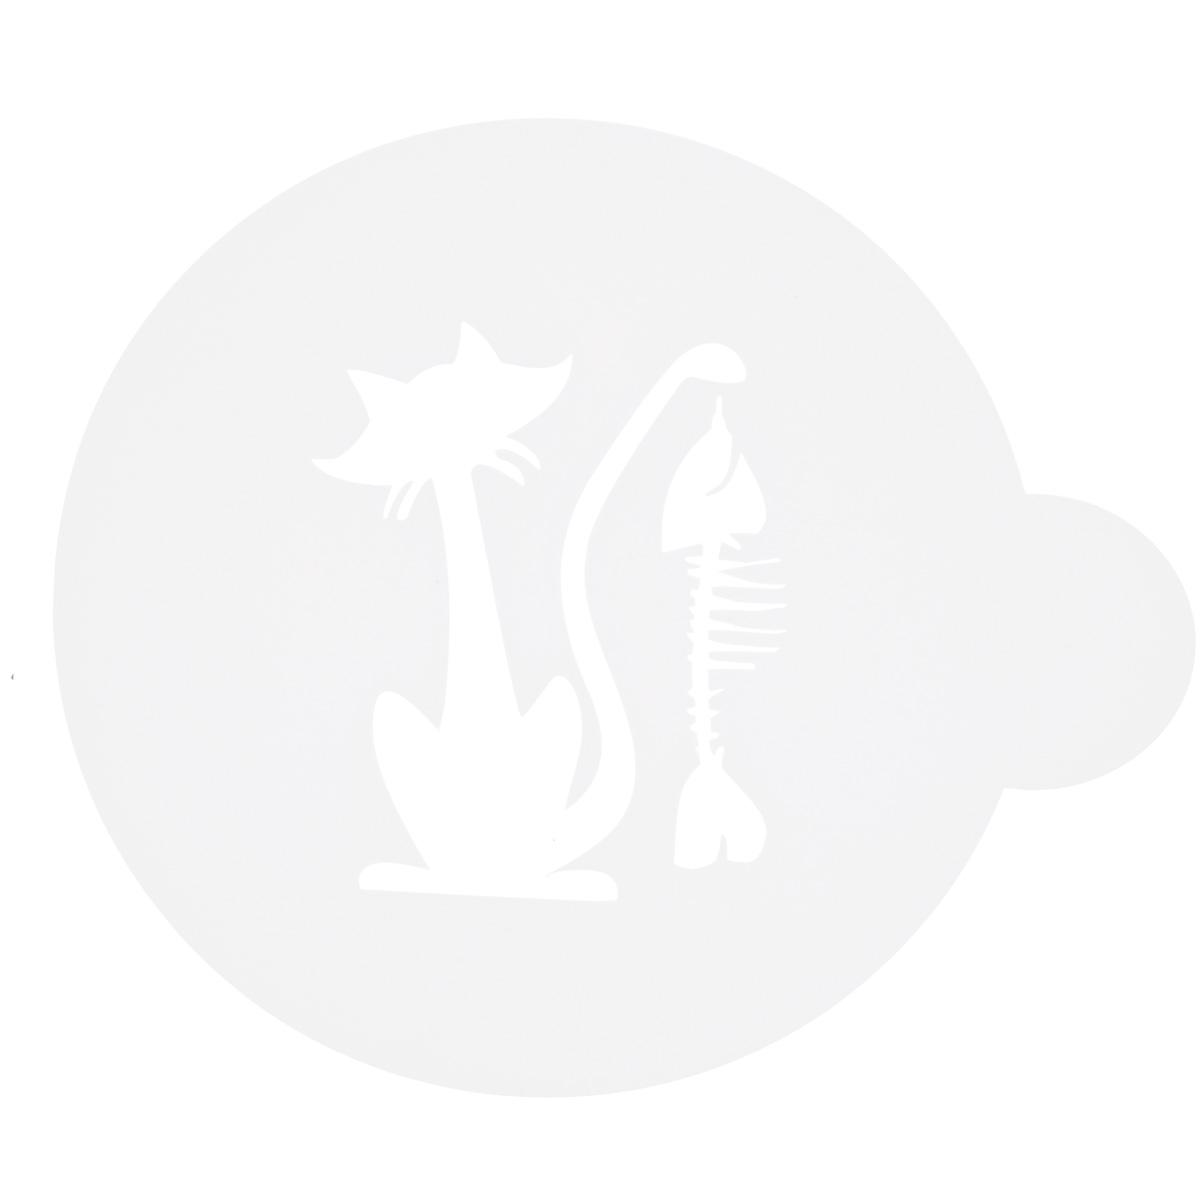 Трафарет на кофе и десерты Леденцовая фабрика Кошка с рыбой, диаметр 10 смFS-91909Трафарет представляет собой пластину с прорезями, через которые пищевая краска (сахарная пудра, какао, шоколад, сливки, корица, дробленый орех) наносится на поверхность кофе, молочных коктейлей, десертов. Трафарет изготовлен из матового пищевого пластика 250 мкм и пригоден для контакта с пищевыми продуктами. Трафарет многоразовый. Побалуйте себя и ваших близких красиво оформленным кофе.